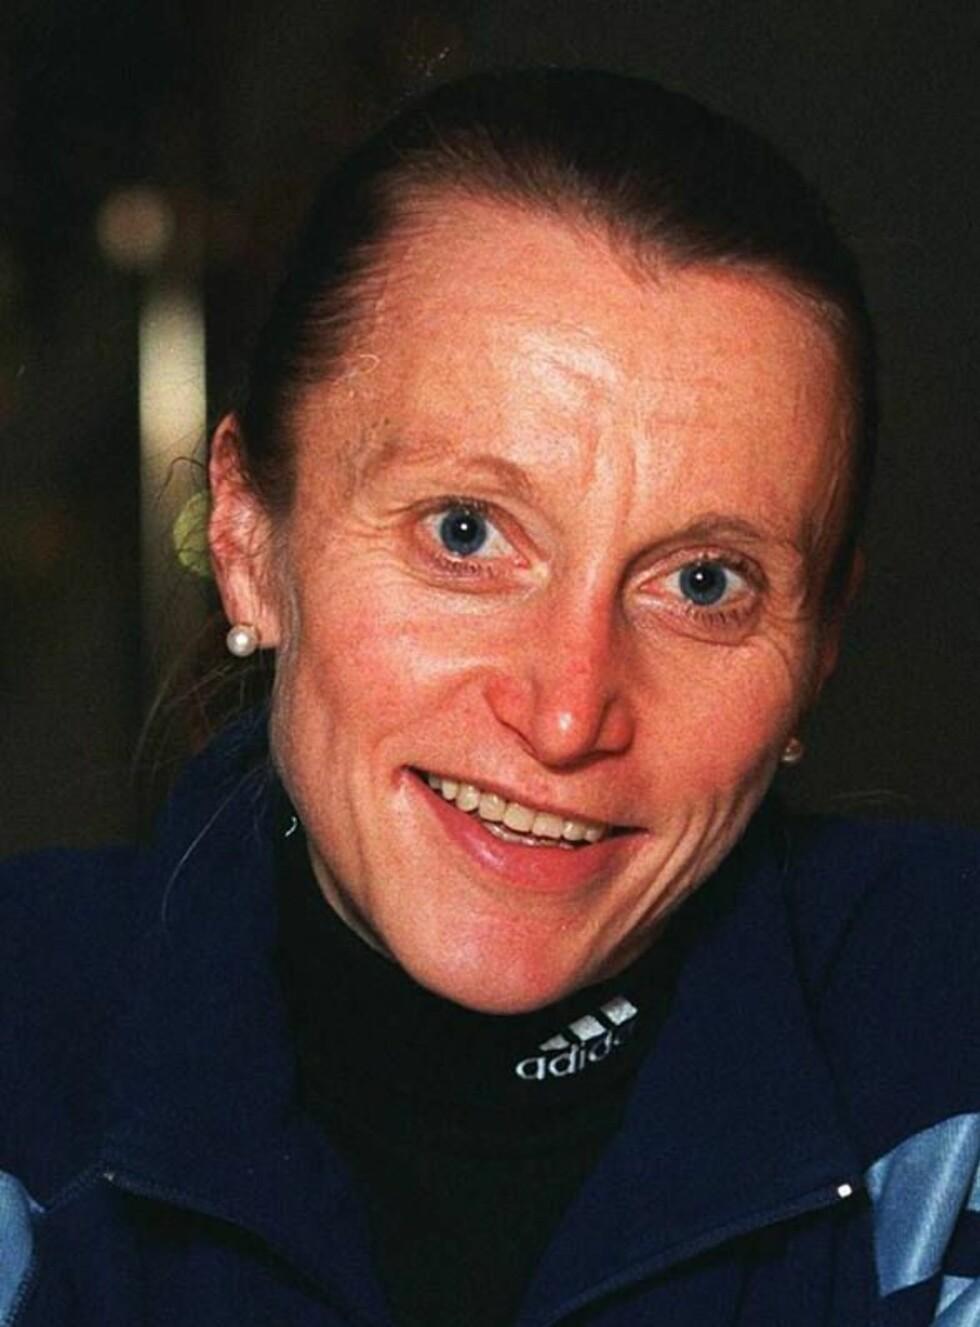 PÅ FLYTTEFOT: Grete Waitz har solgt huset på Nordstrand. Foto: SCANPIX